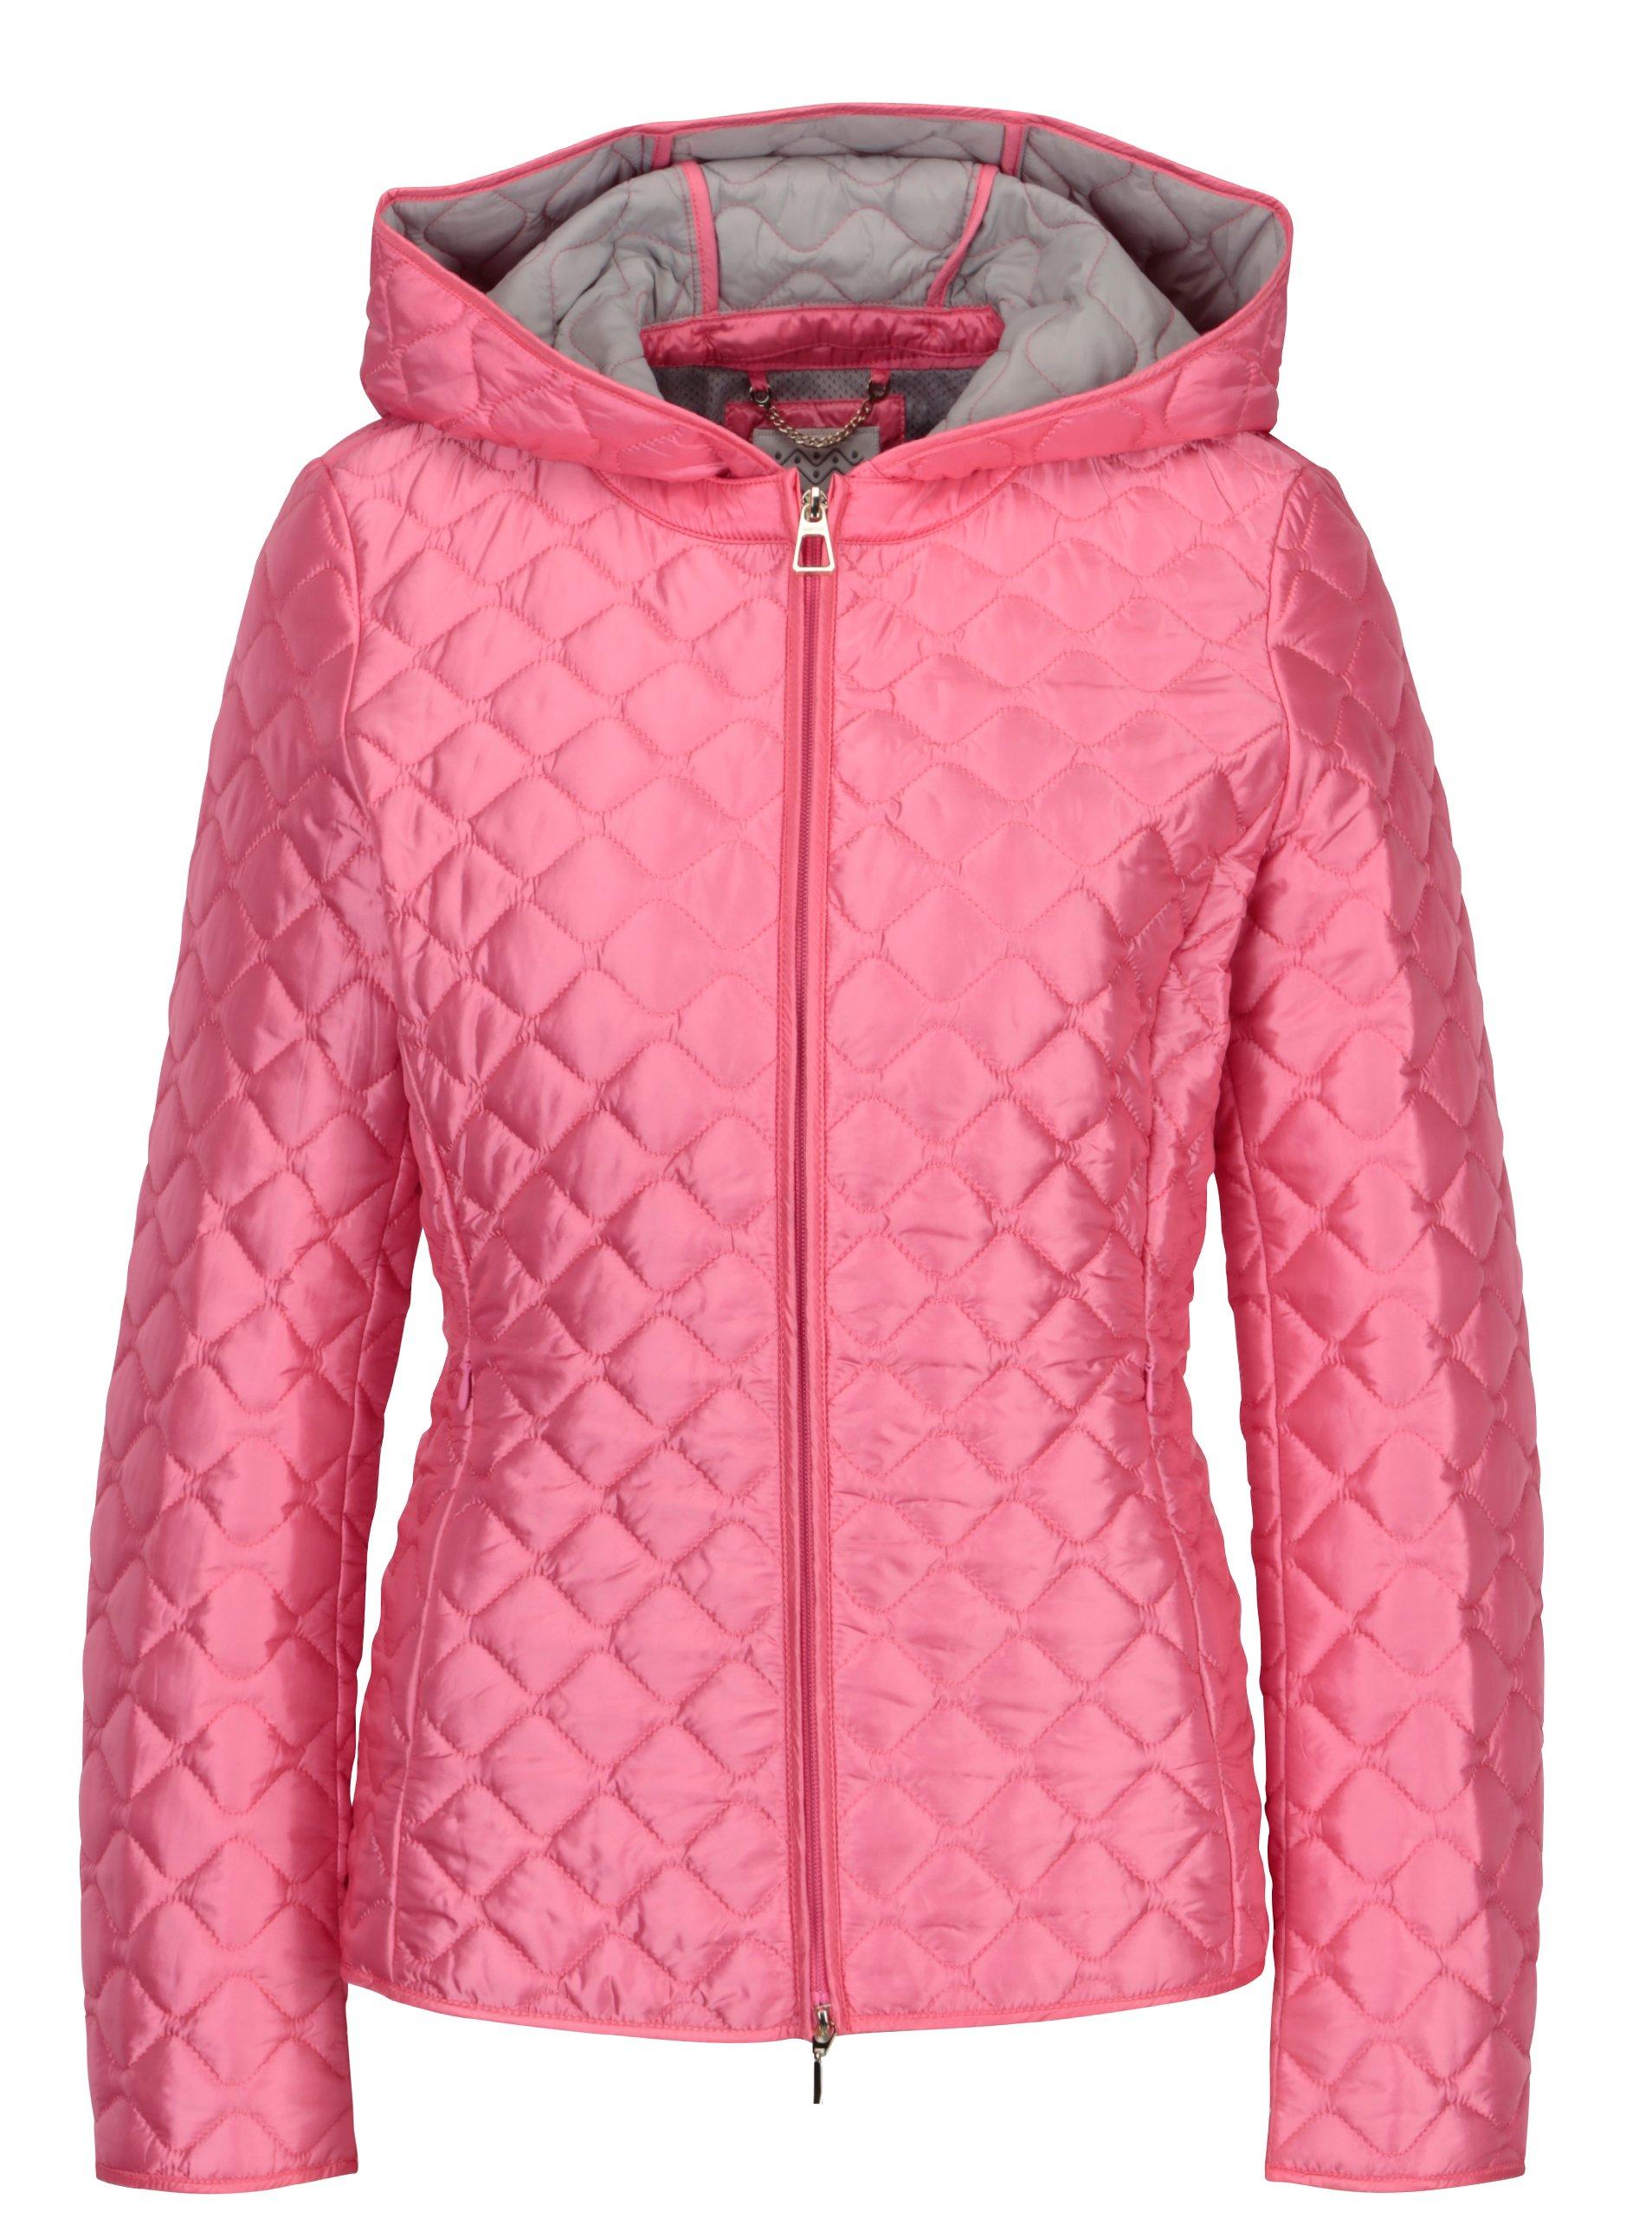 Fotografie Růžová dámská prošívaná lehká bunda Geox